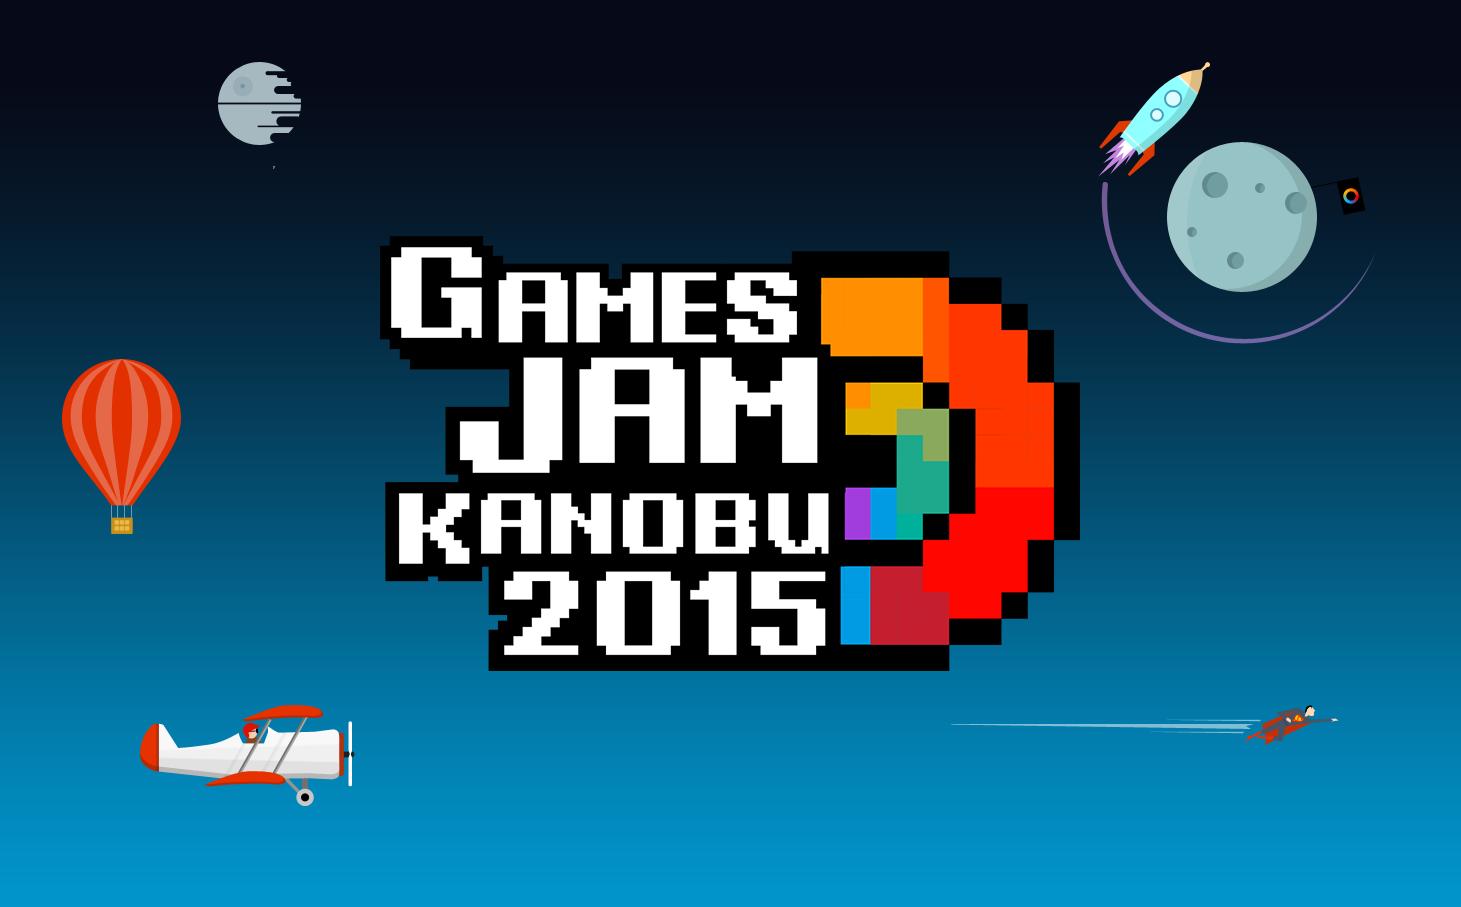 Интересные игры с GamesJamKanobu ver.2 (пополняется) - Изображение 1